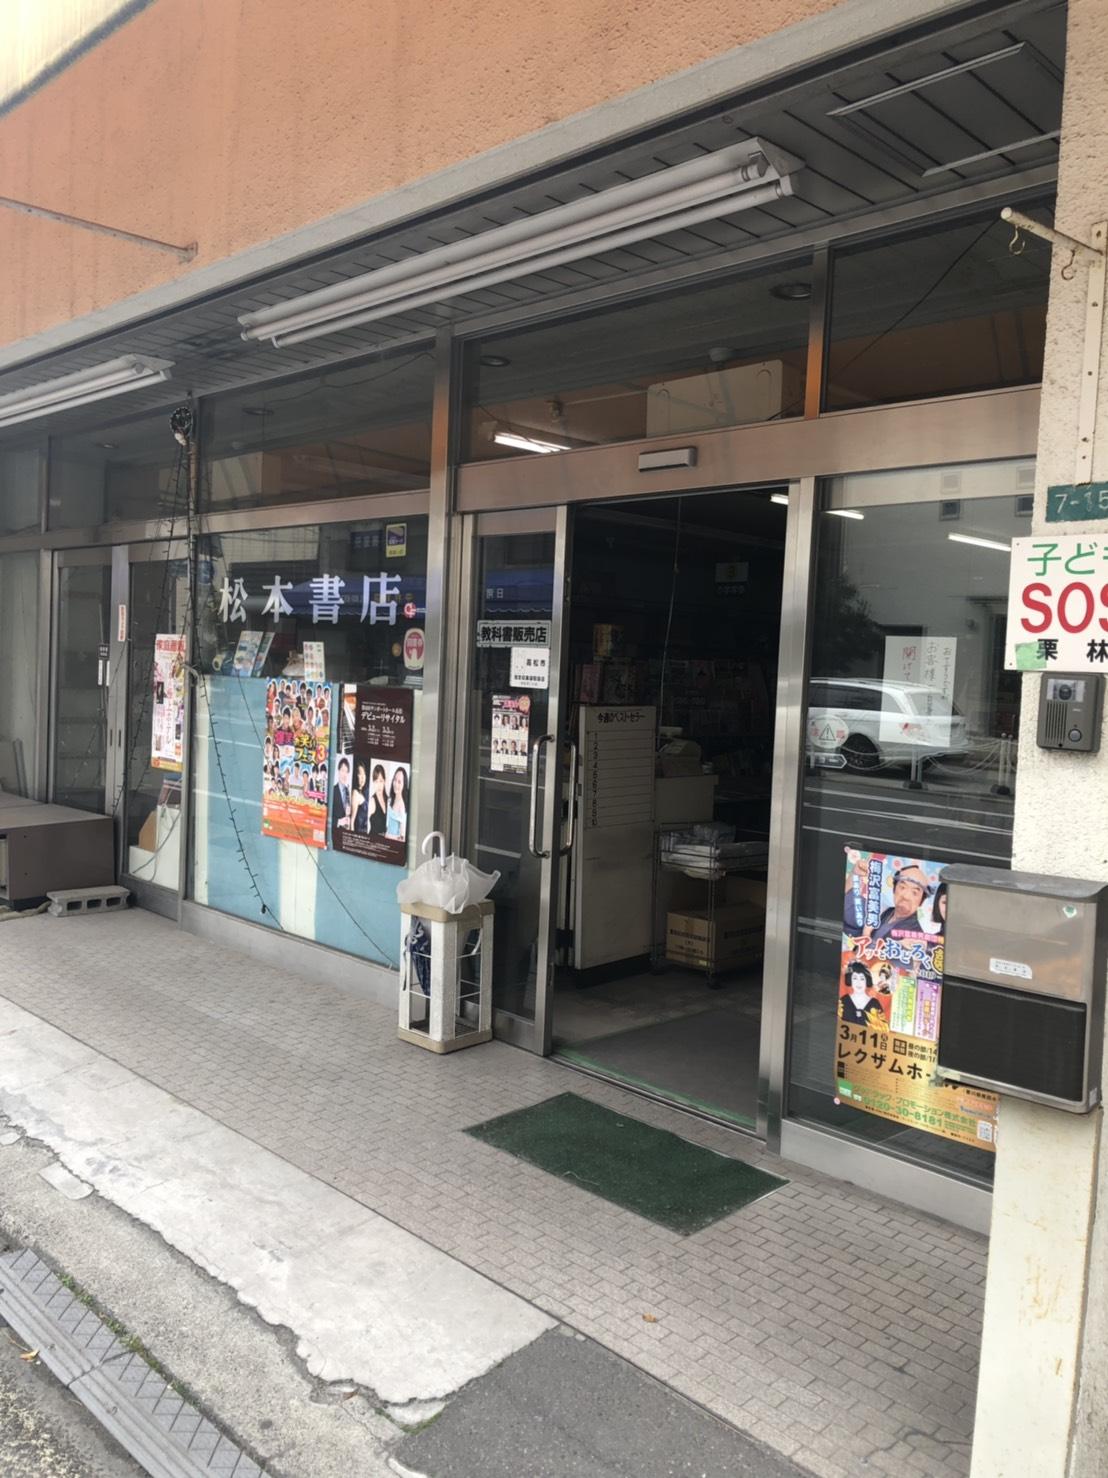 2019/02/22 松本書店 Googleストリートビュー屋内版撮影